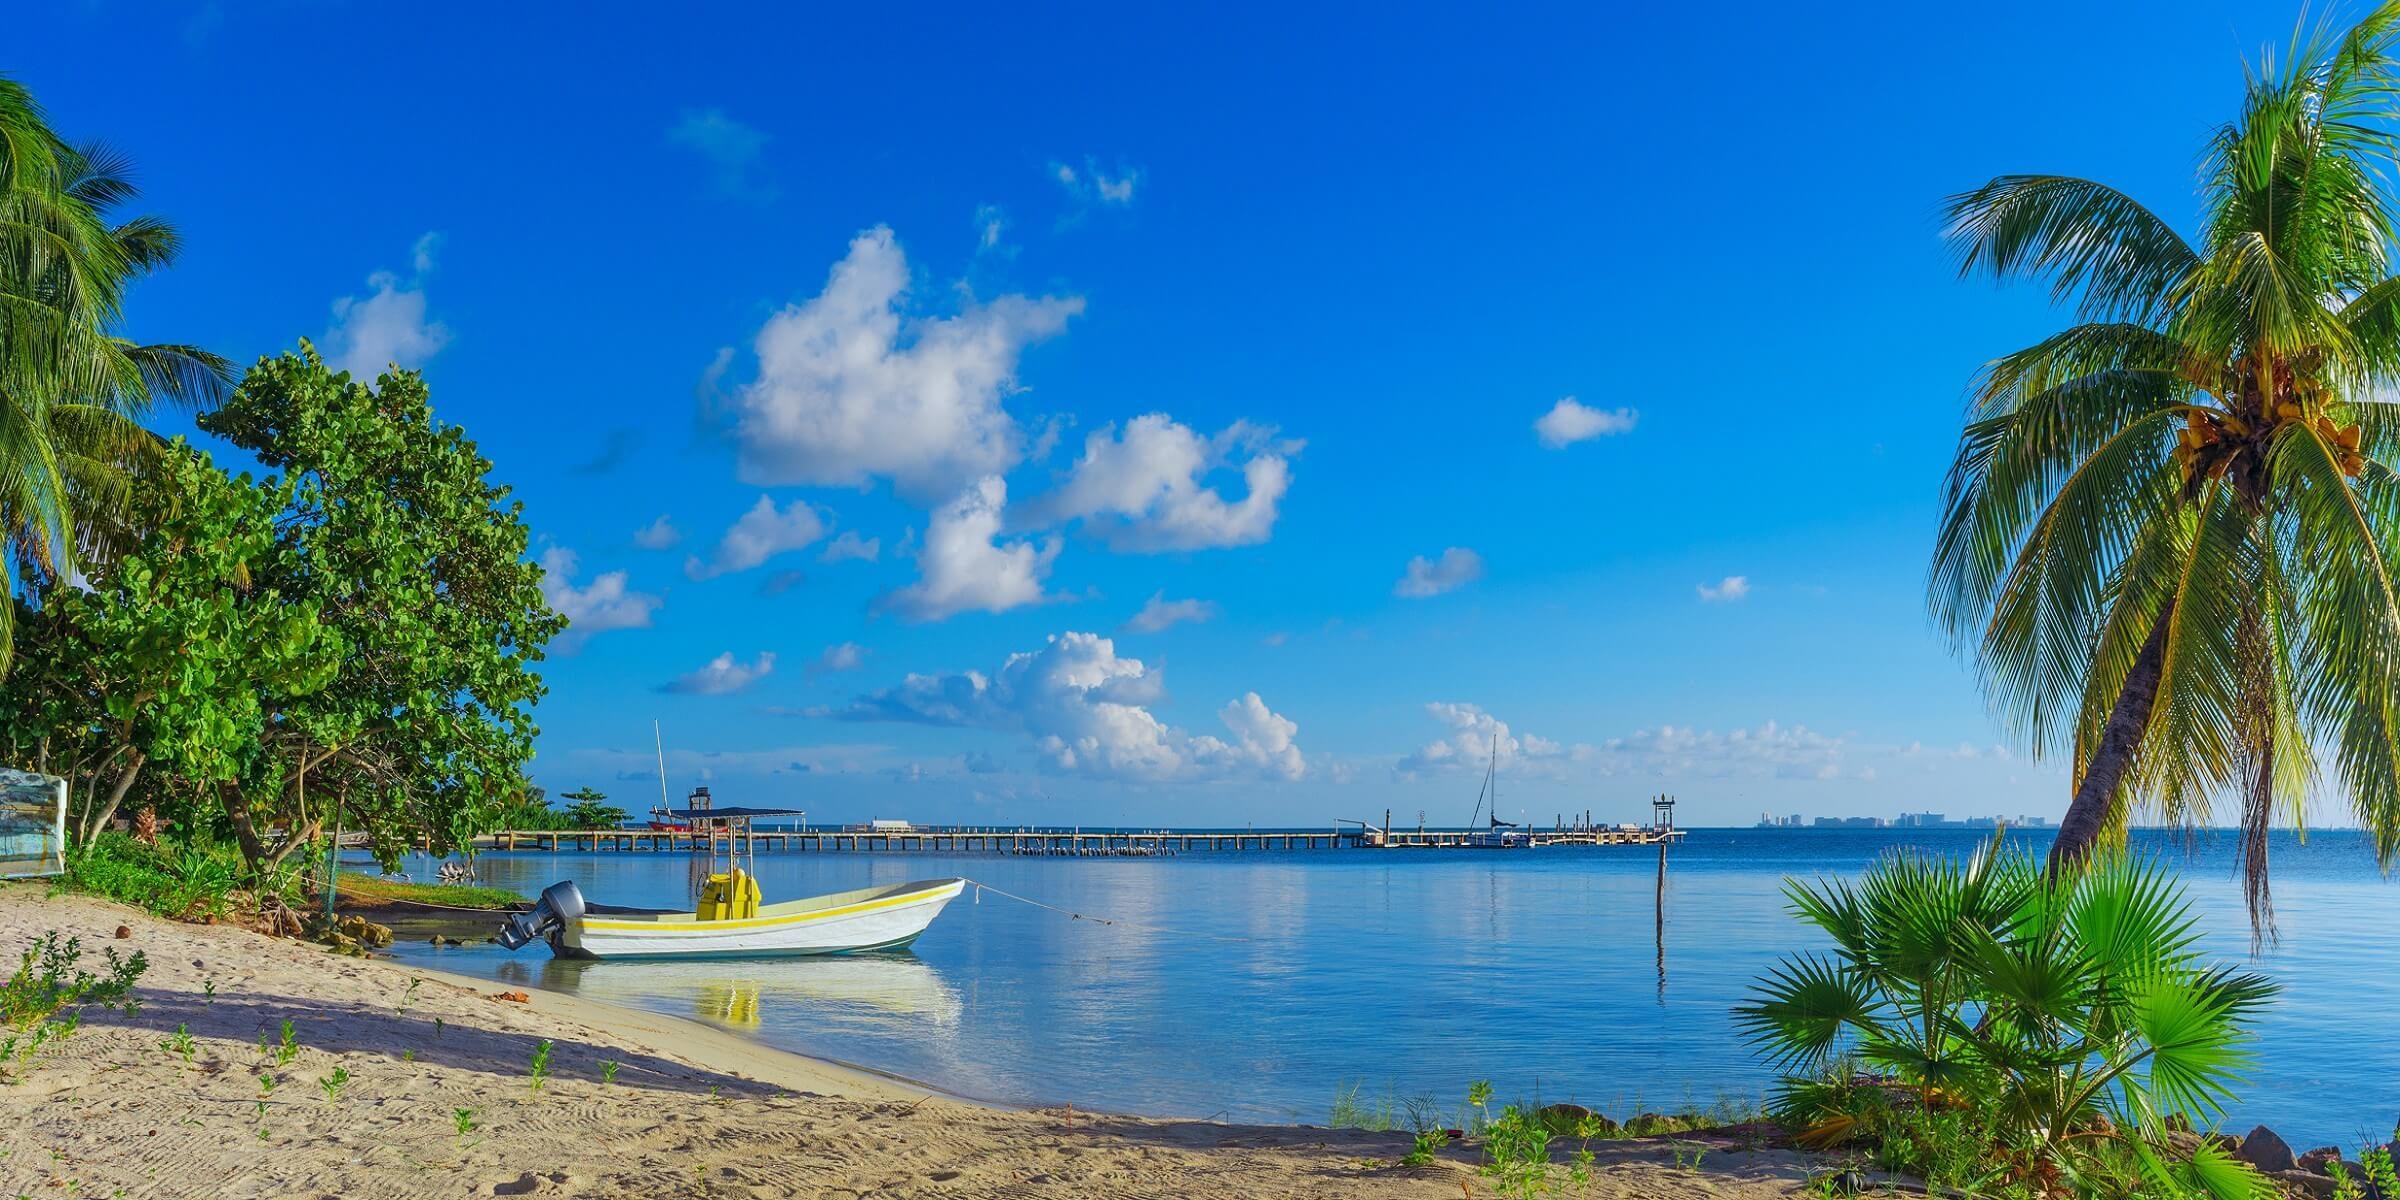 An einem solch ruhigen Strandabschnitt in Mexiko können Sie sich nur entspannen